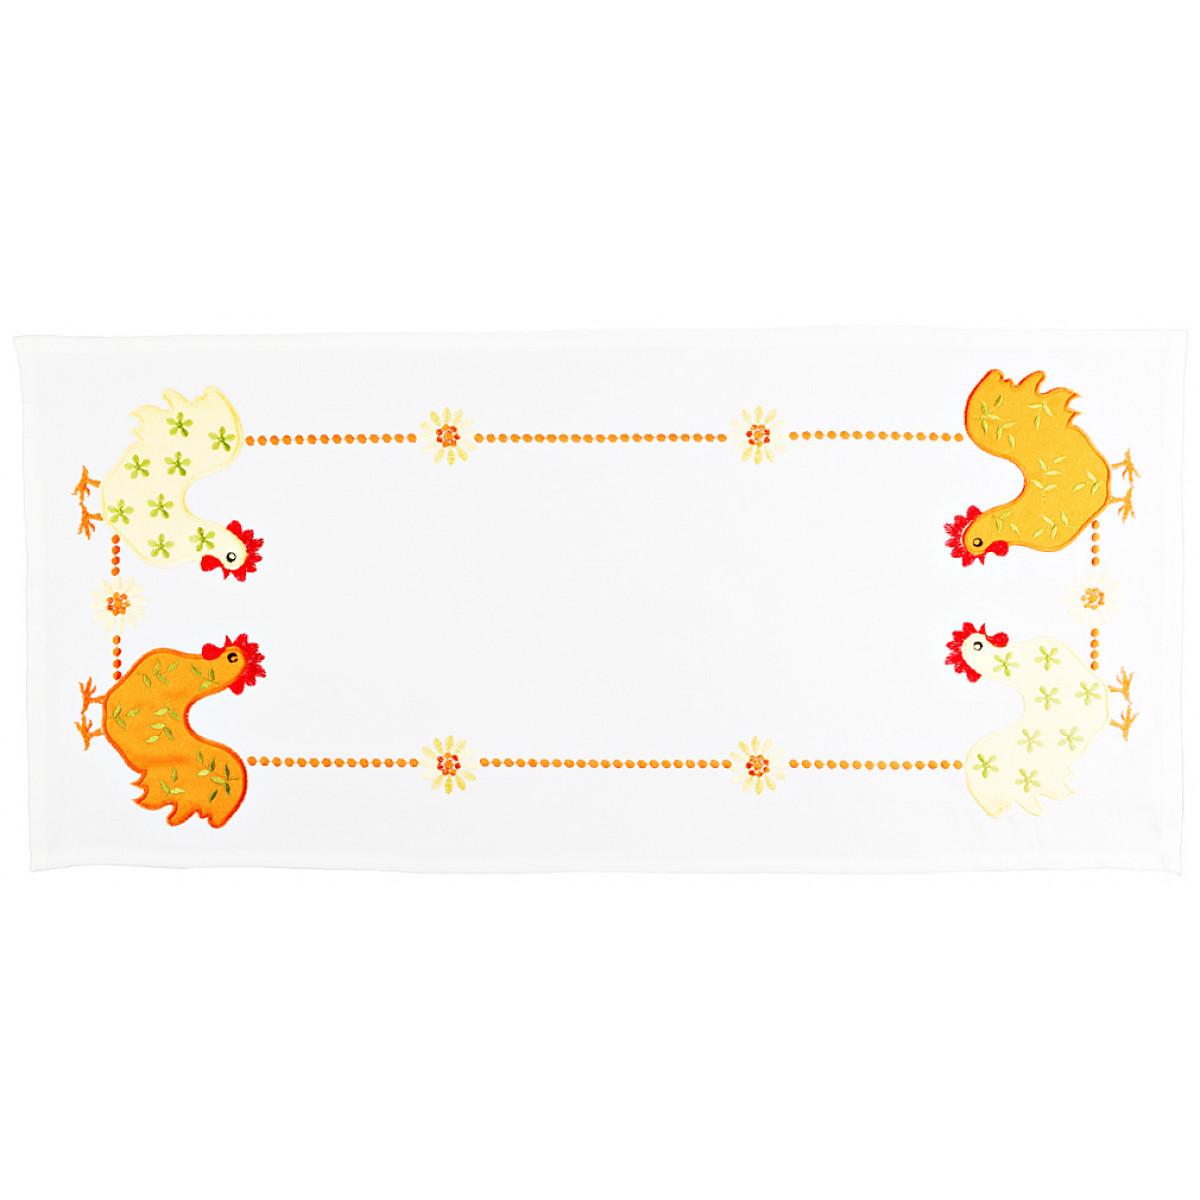 Скатерти и салфетки Santalino Салфетки Infisso  (40х90 см) скатерти и салфетки santalino скатерть lysander 140х180 см